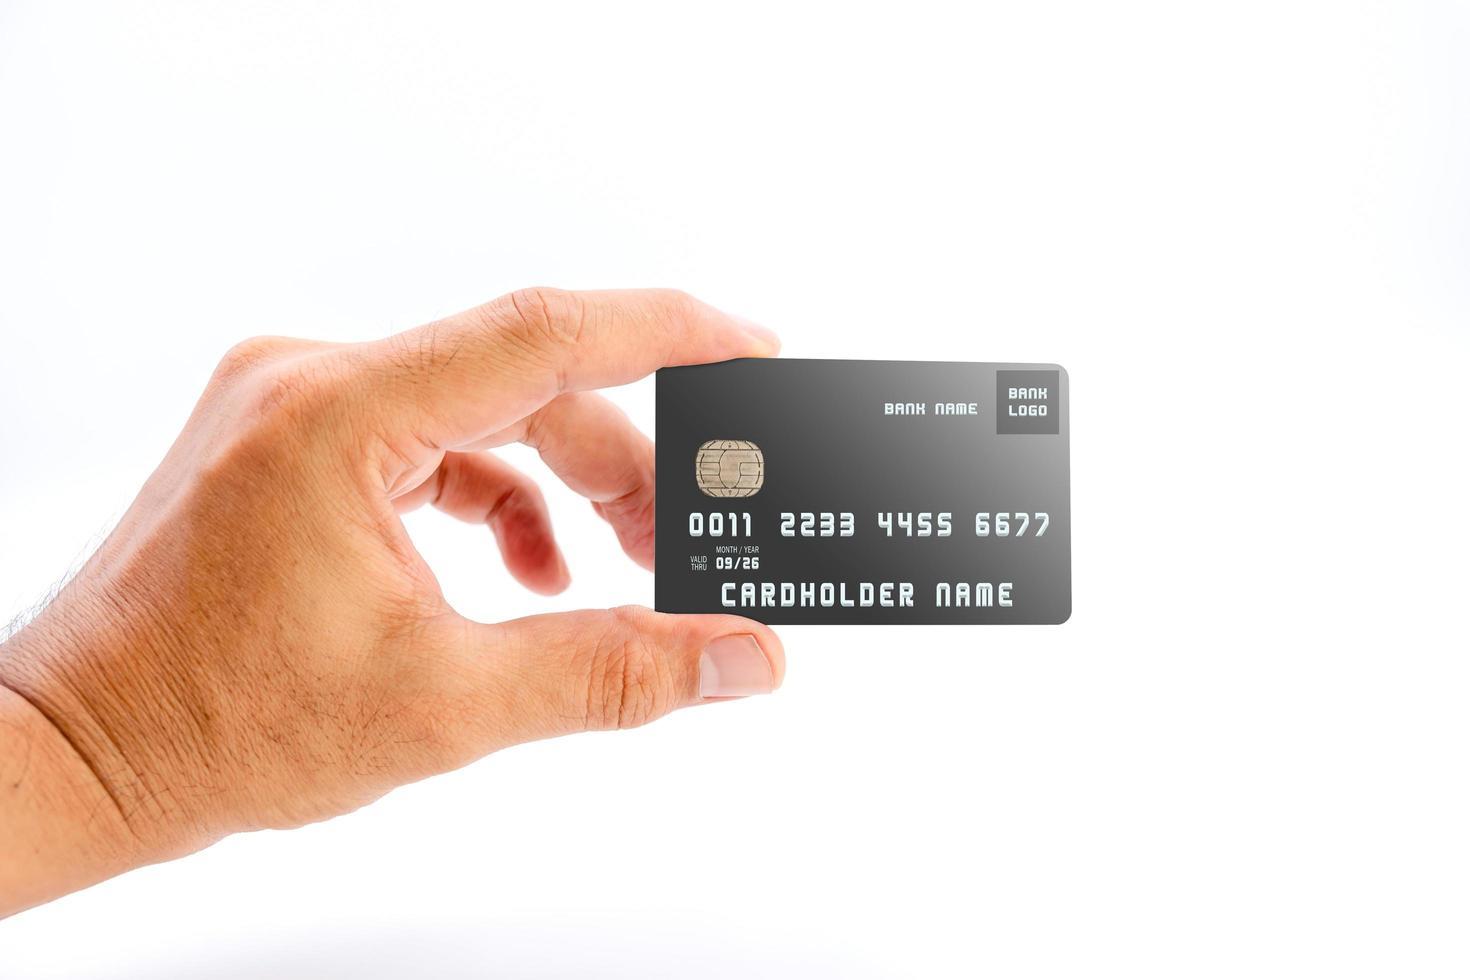 Mano humana sosteniendo tarjeta de crédito bancaria de color negro sobre fondo blanco. foto